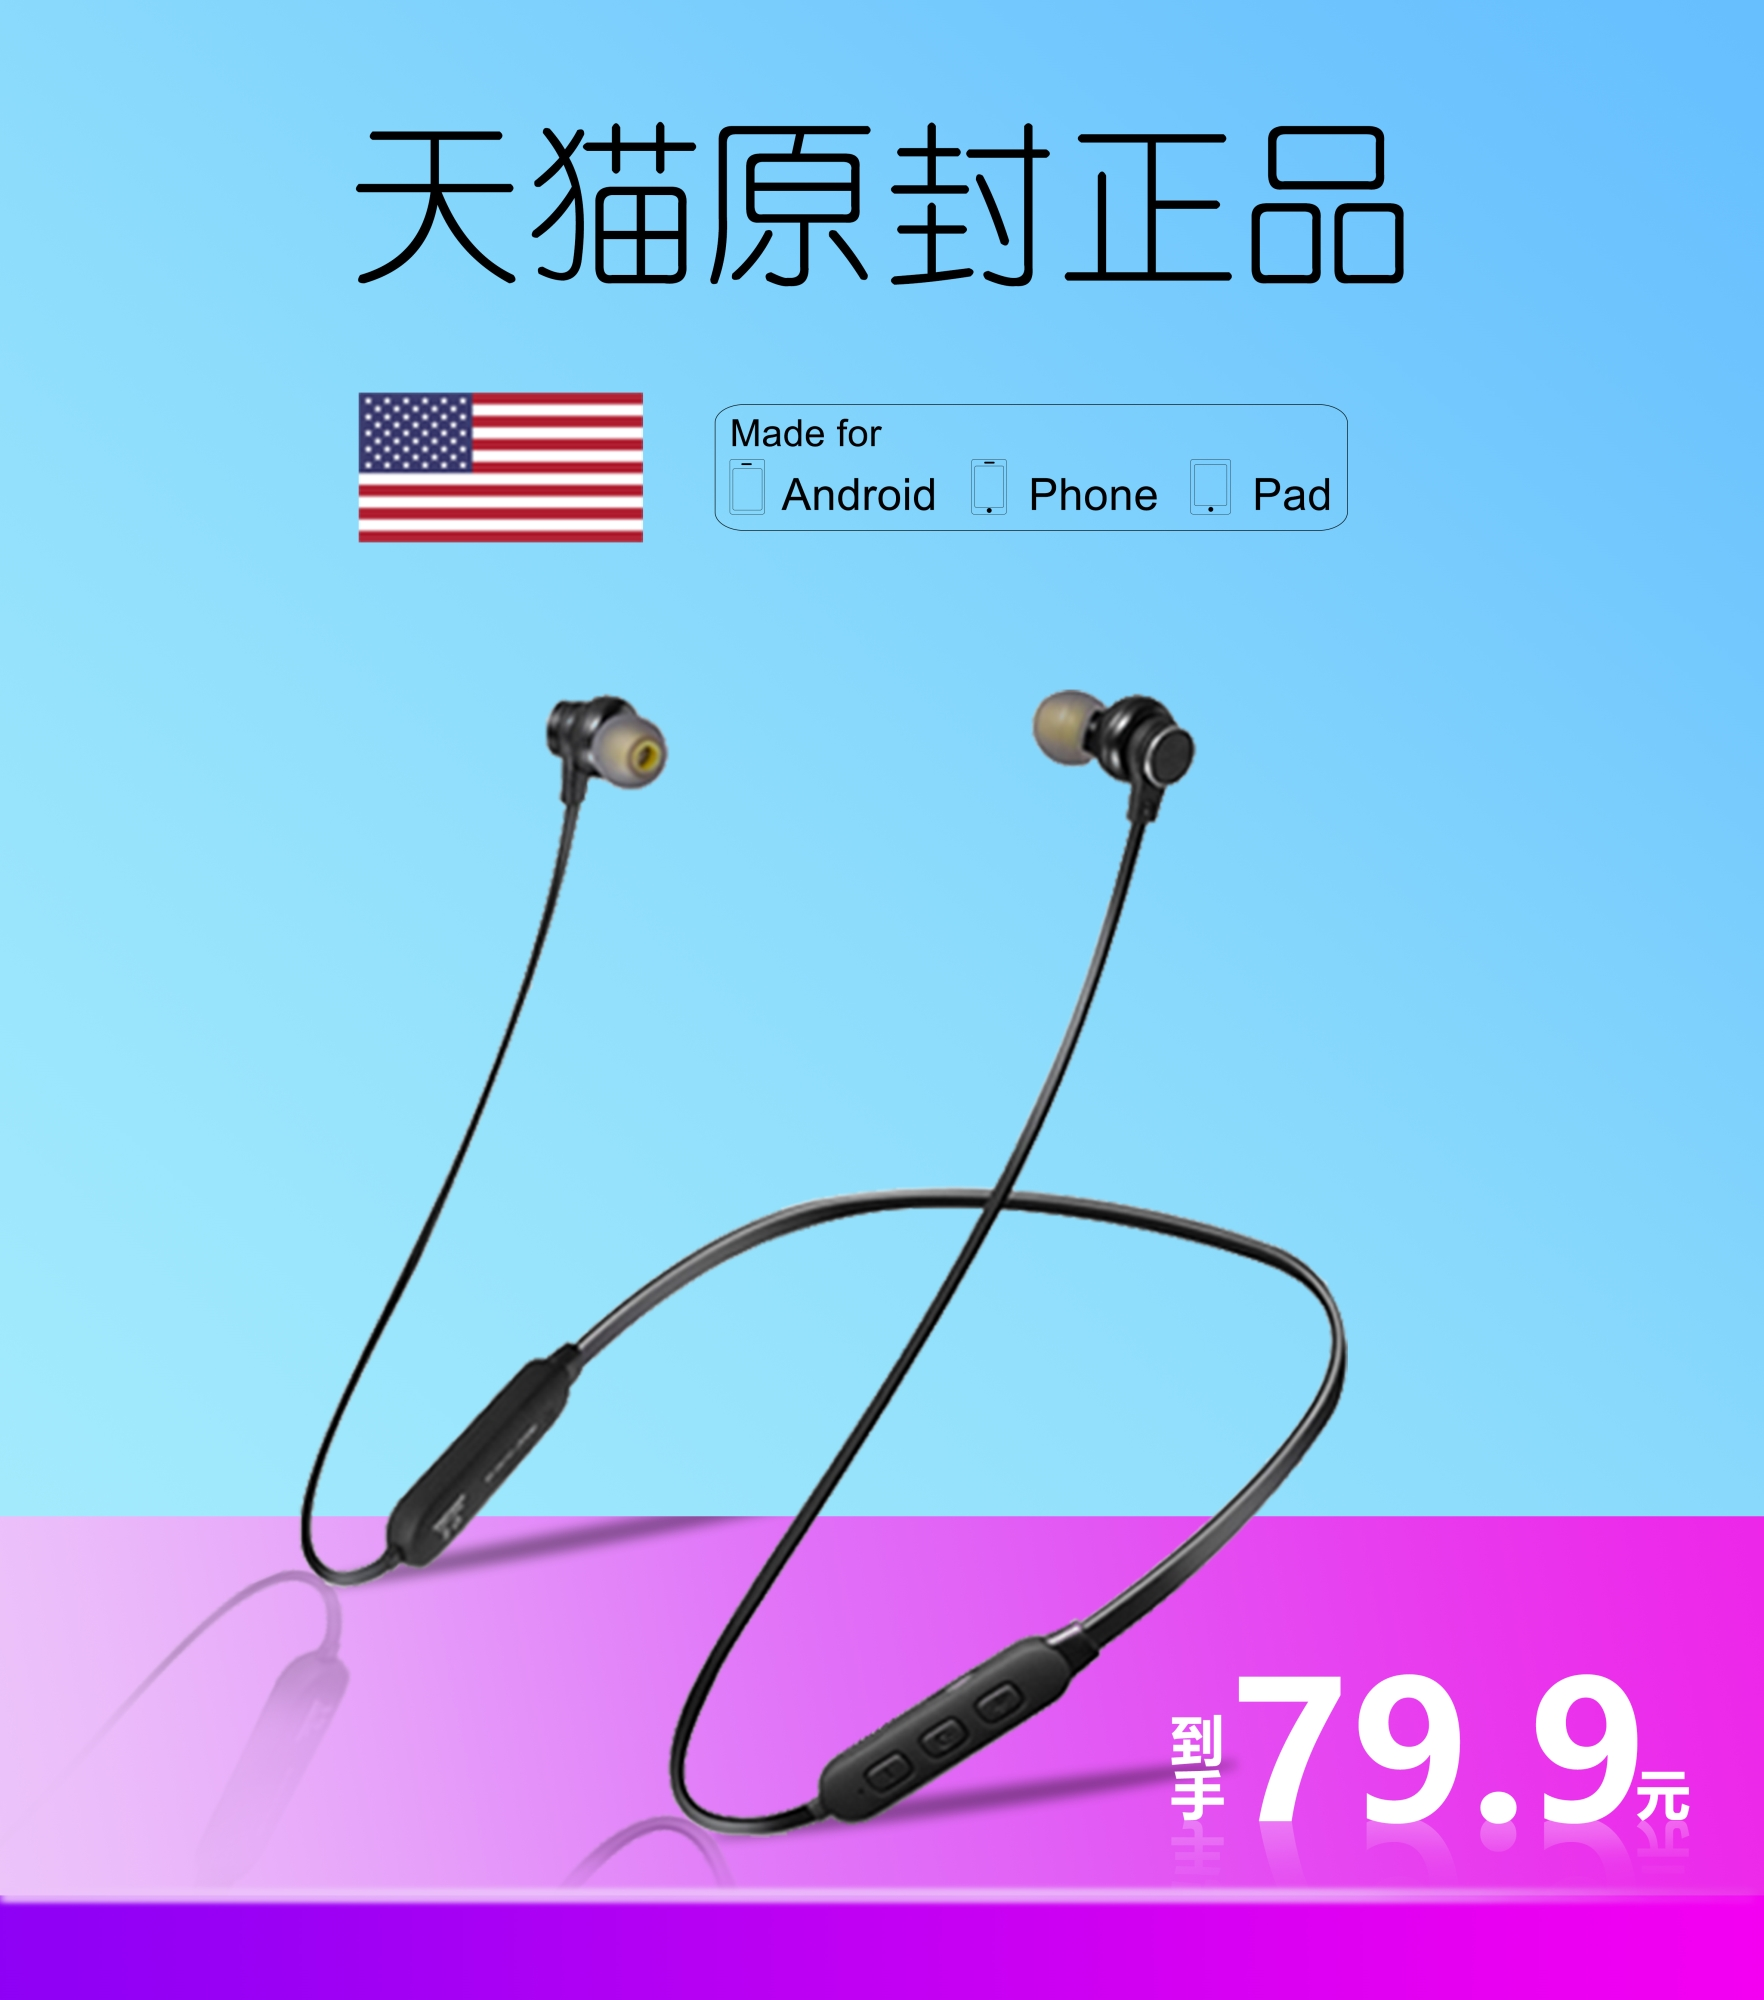 小米8蓝牙项圈耳机青春版通用版 颈挂式脖戴式挂脖入耳式蓝牙耳机